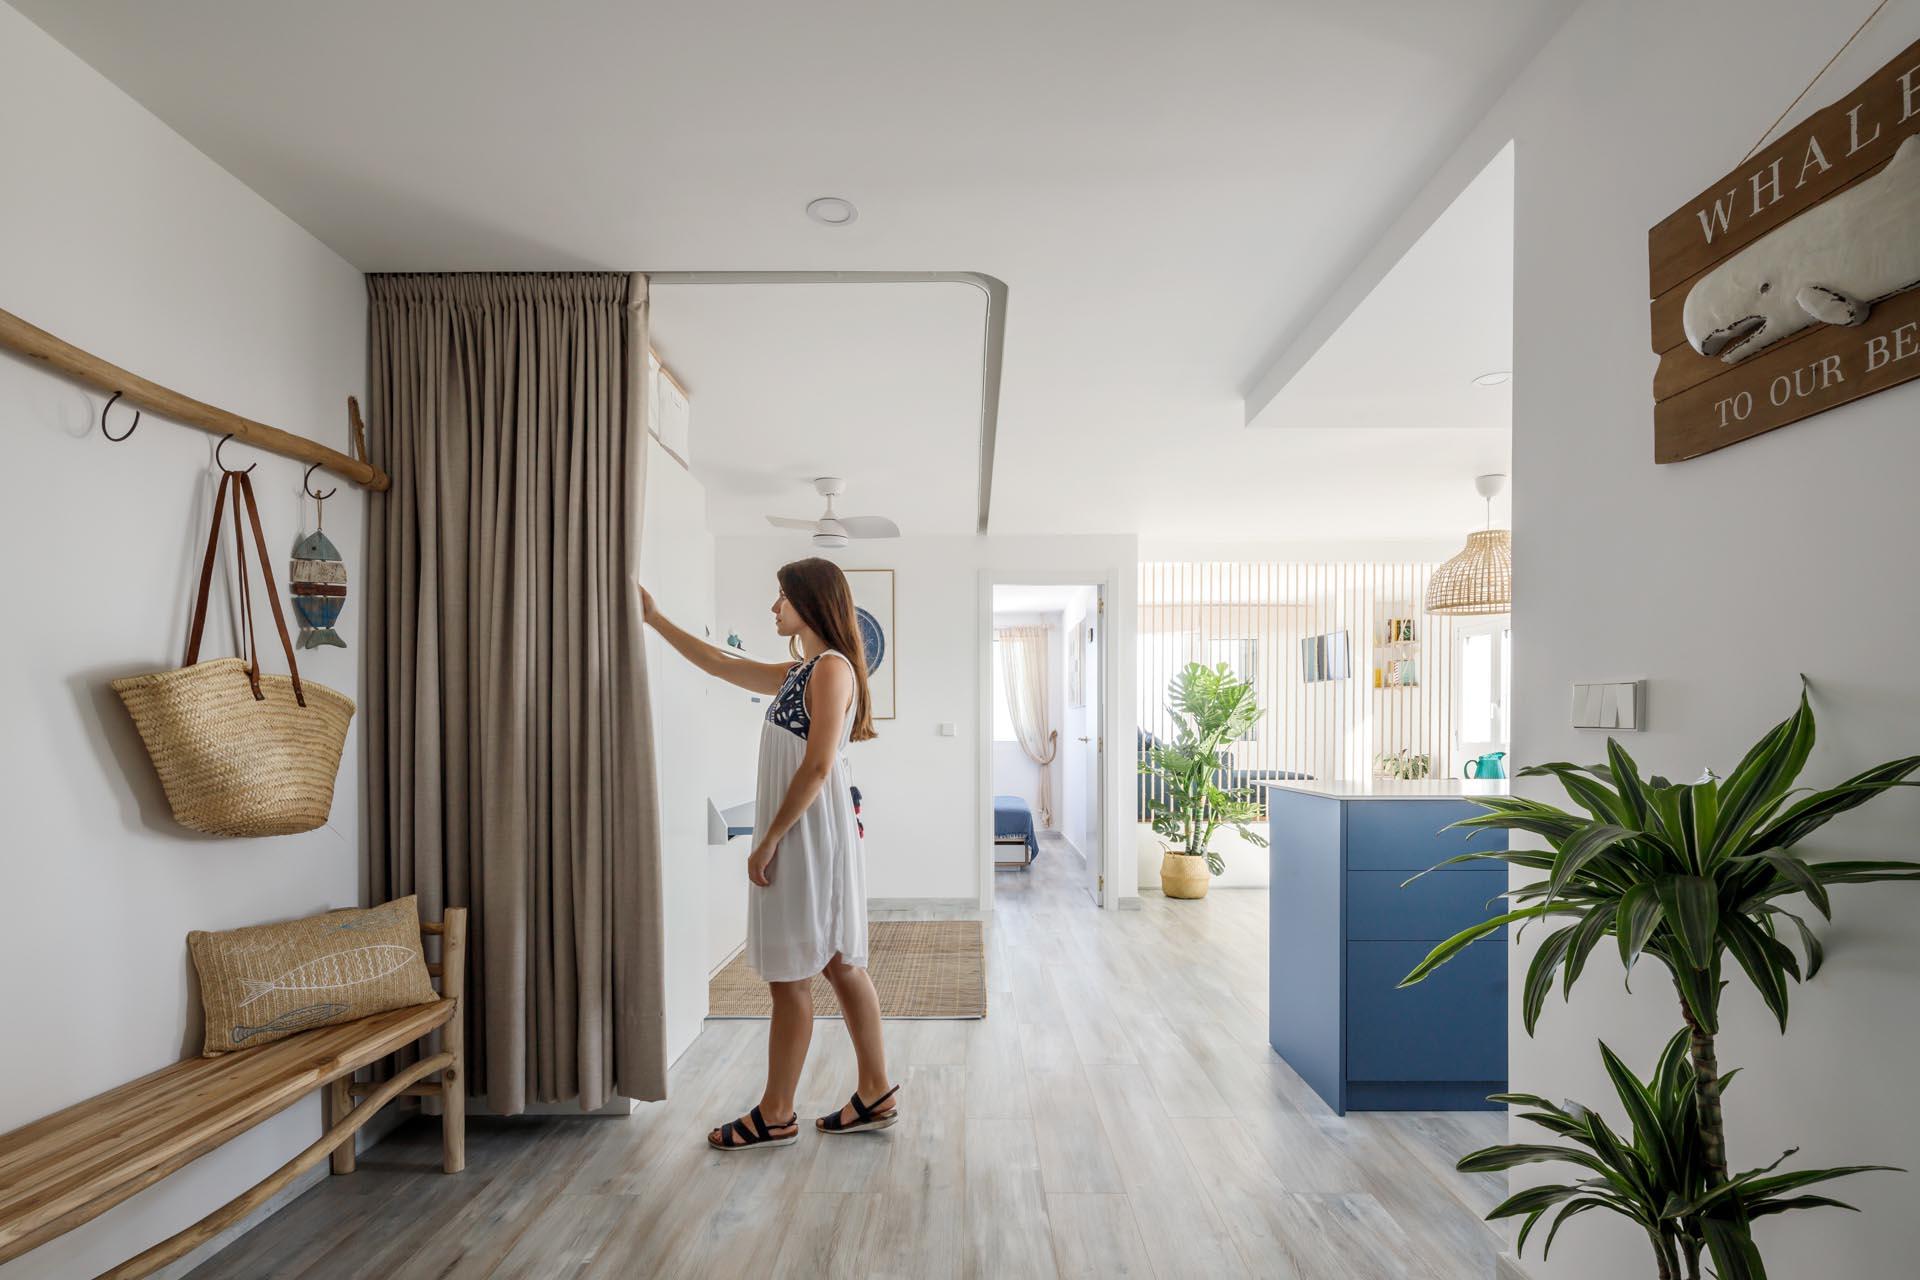 HB Arquitectos Valencia | Sailor Home | HB Estudi d'Arquitectura | Reforma integral | Arquitectos Algemesí